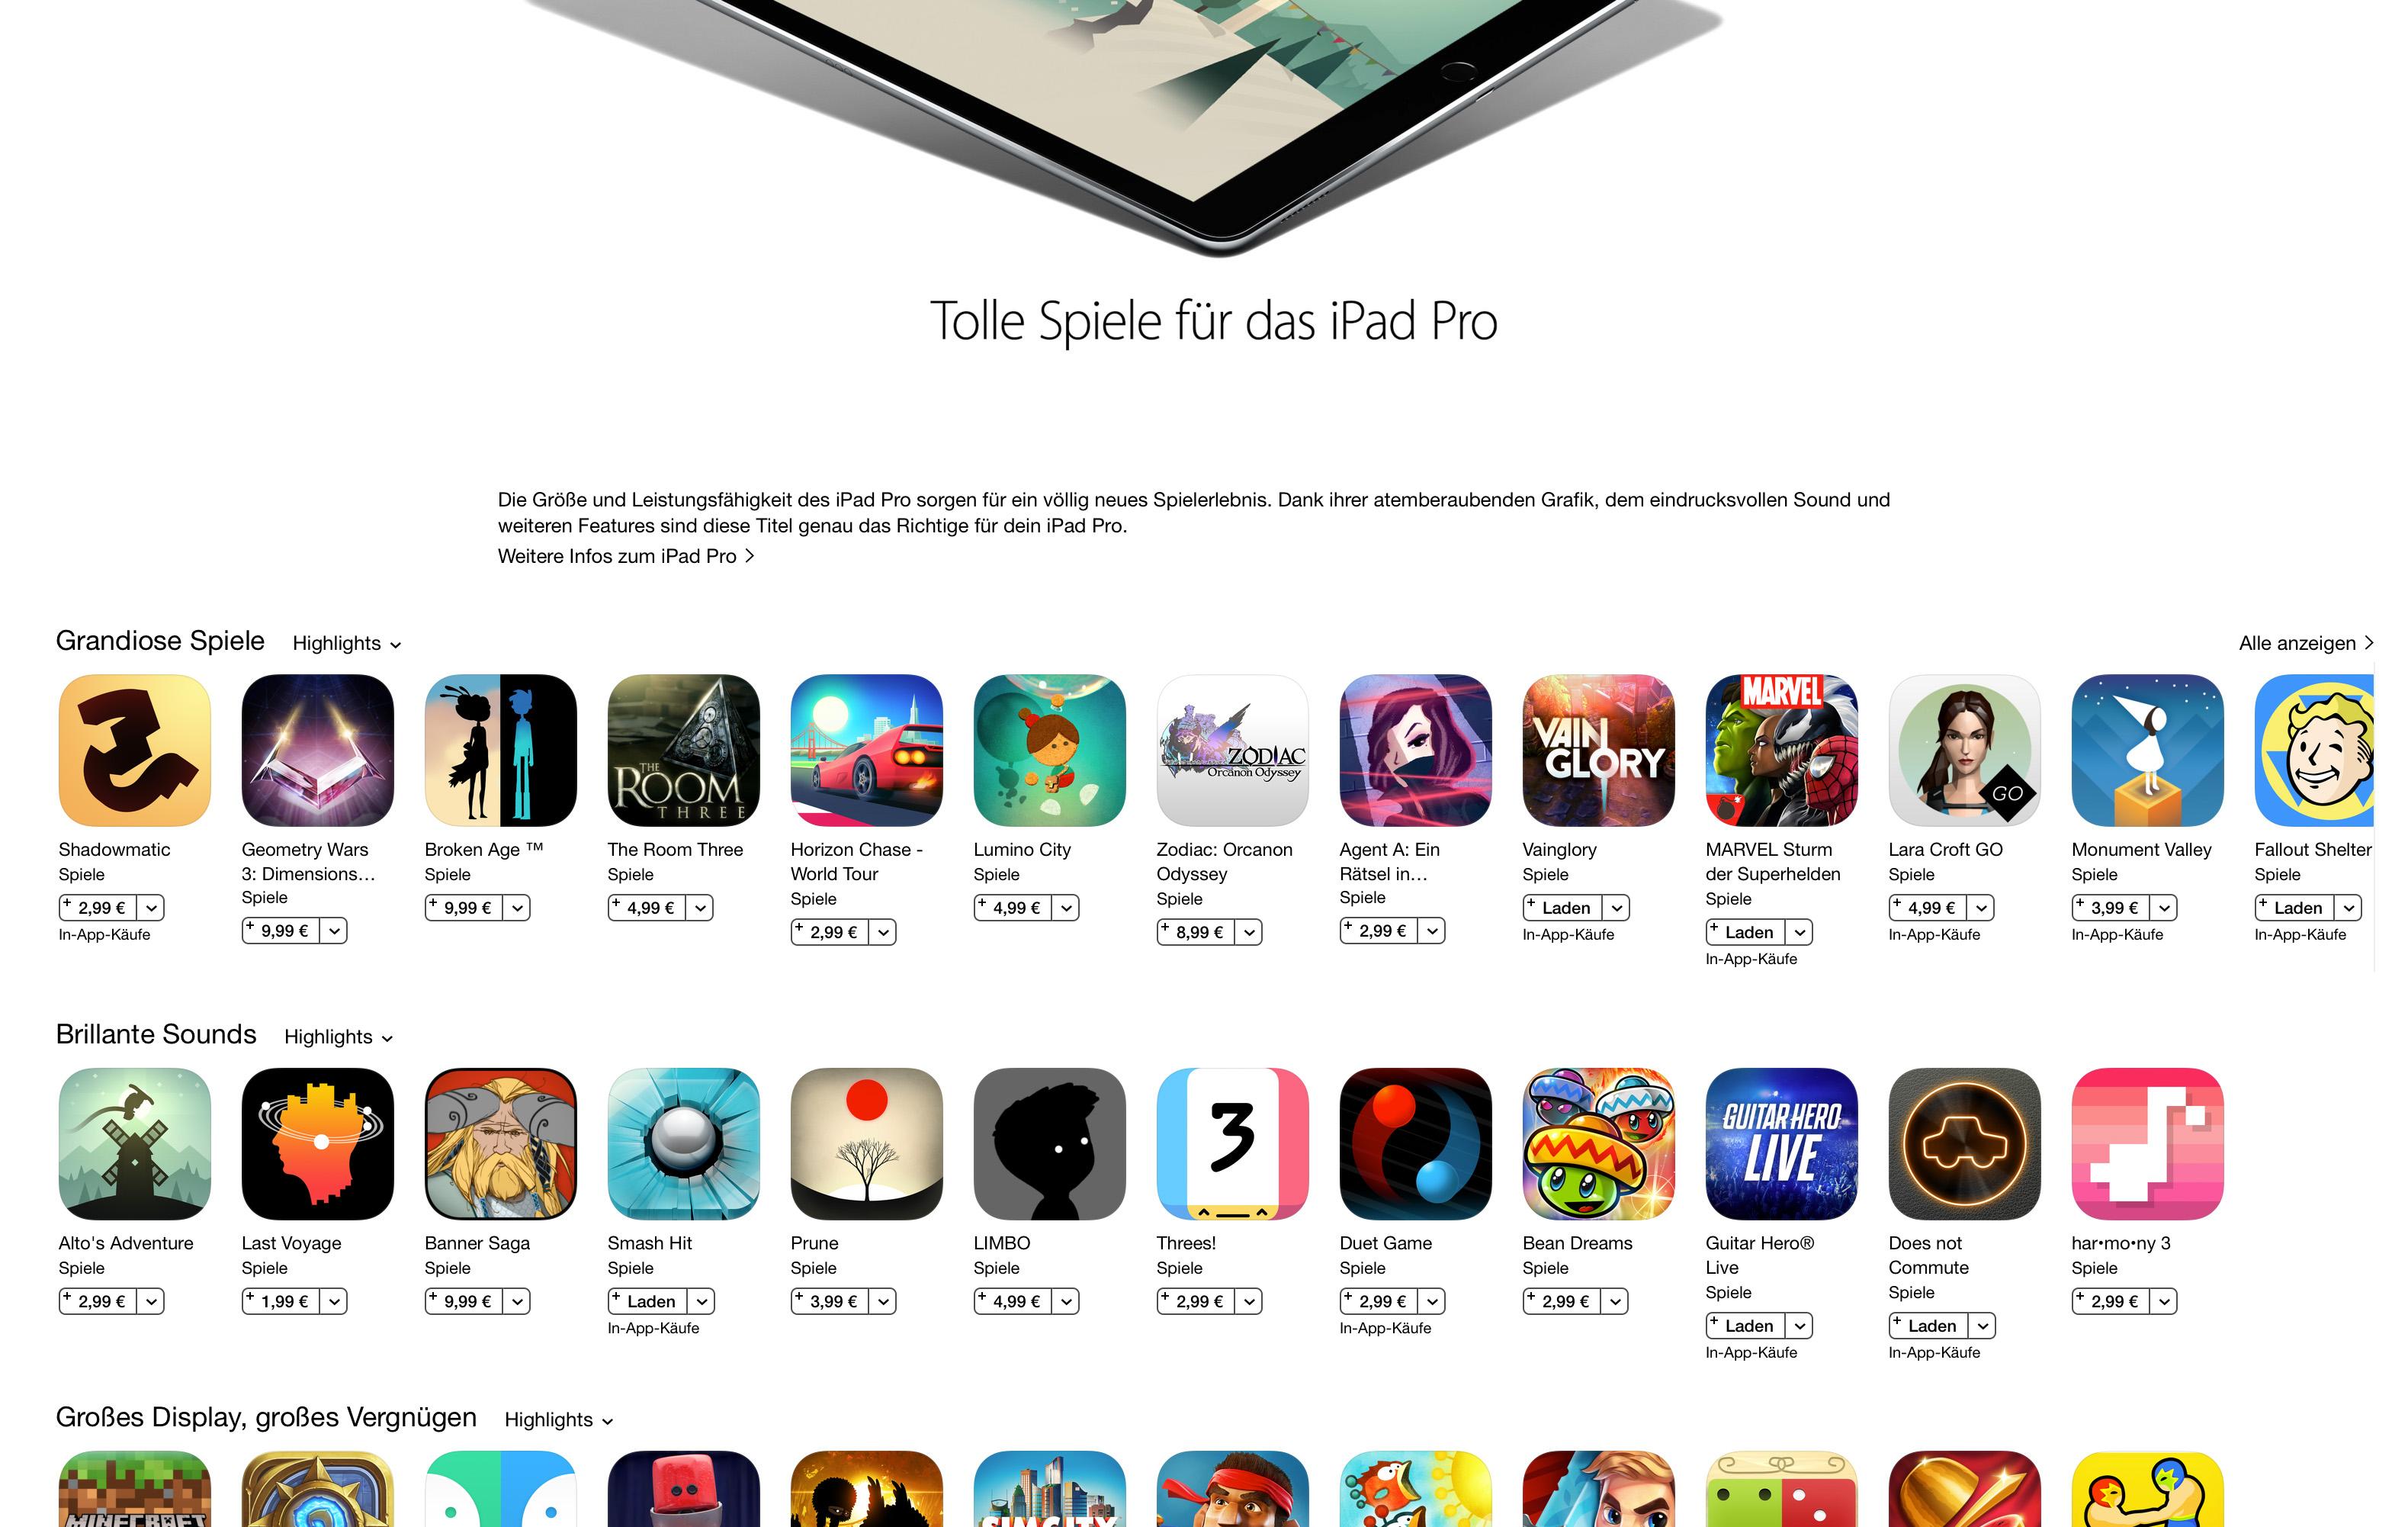 iPad Pro: Optimierte Apps und Spiele im Überblick | News ...